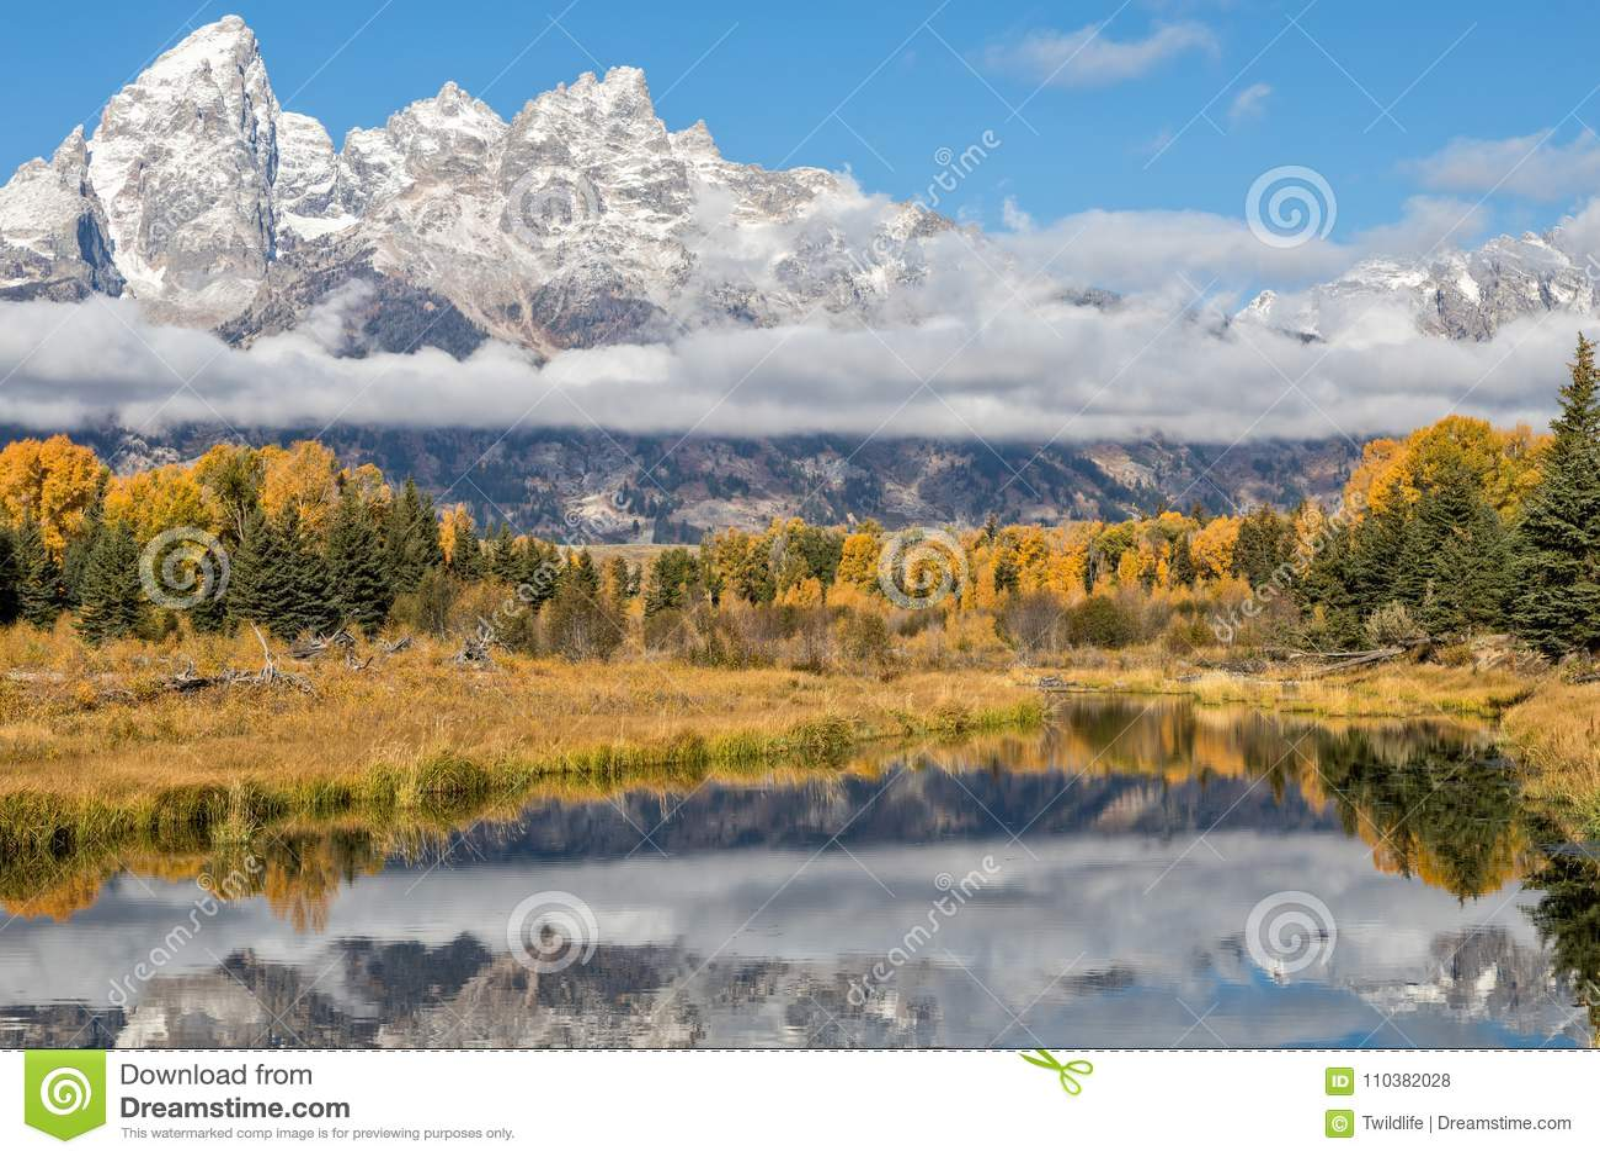 Teton Autumn Reflection Landscape scénique